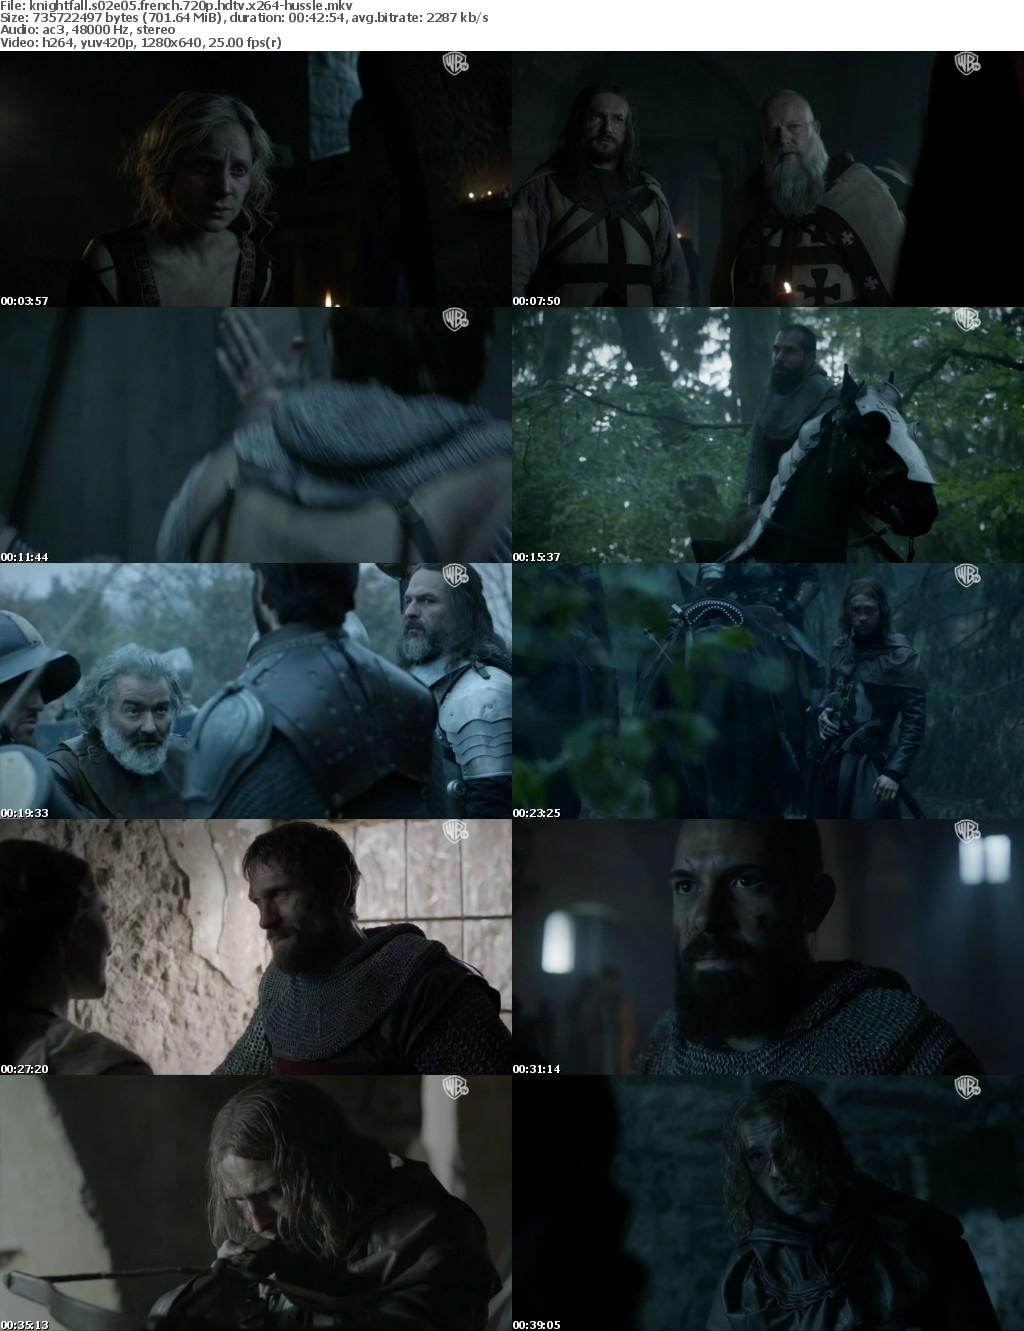 Knightfall S02E05 FRENCH 720p HDTV x264-HuSSLe